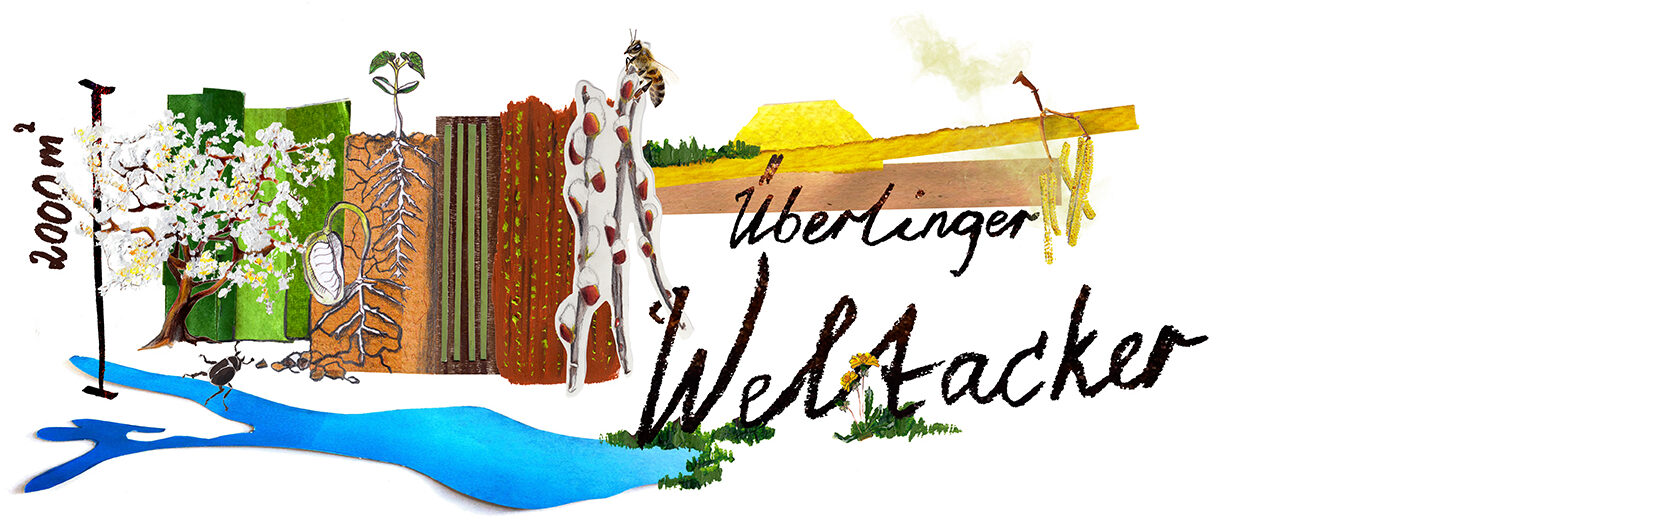 ÜBERLINGER WELTACKER